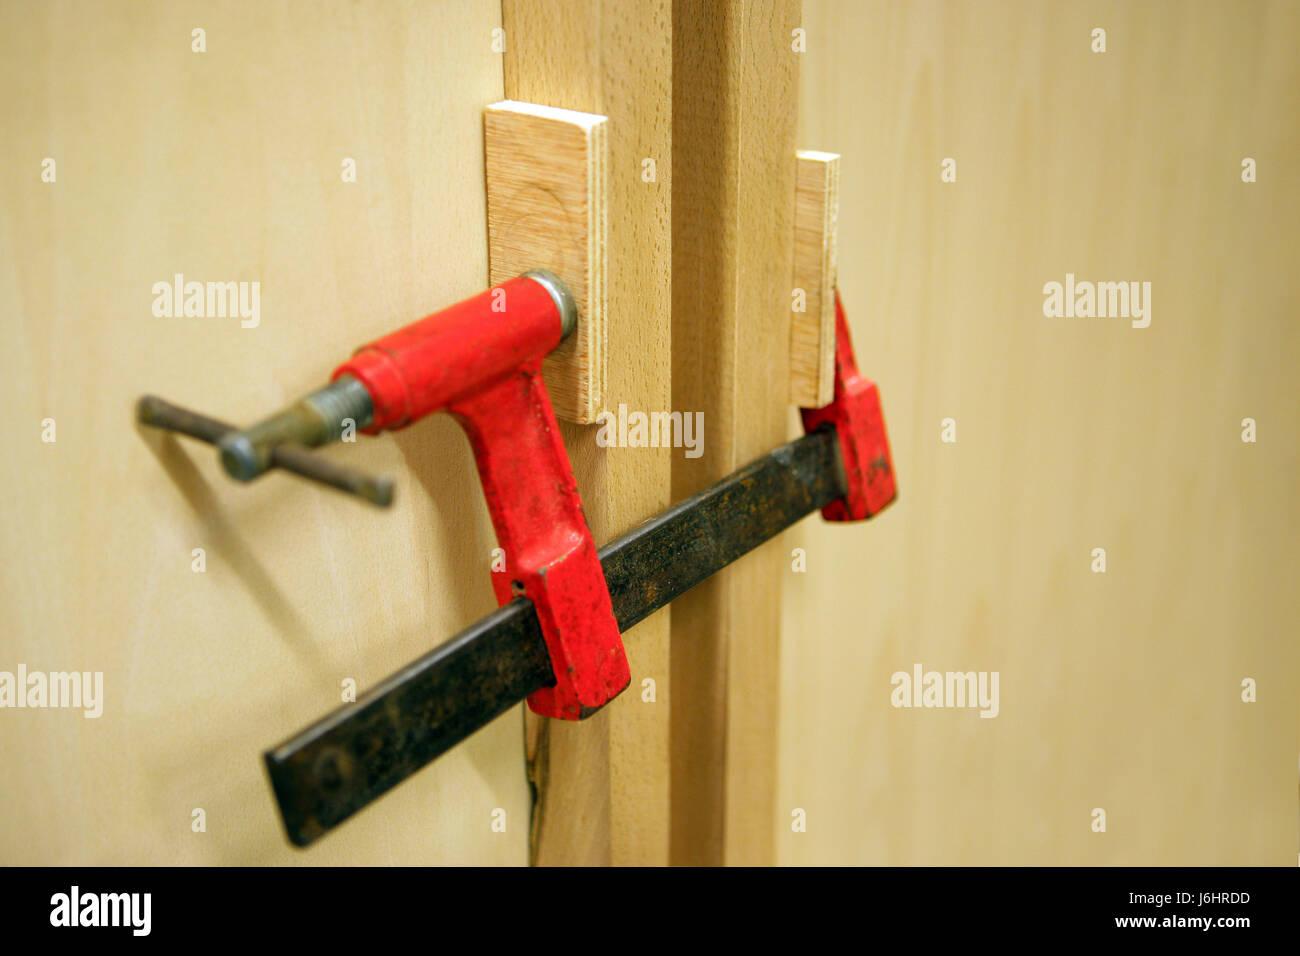 Outil,bois,de l'objet pompe collier Photo Stock